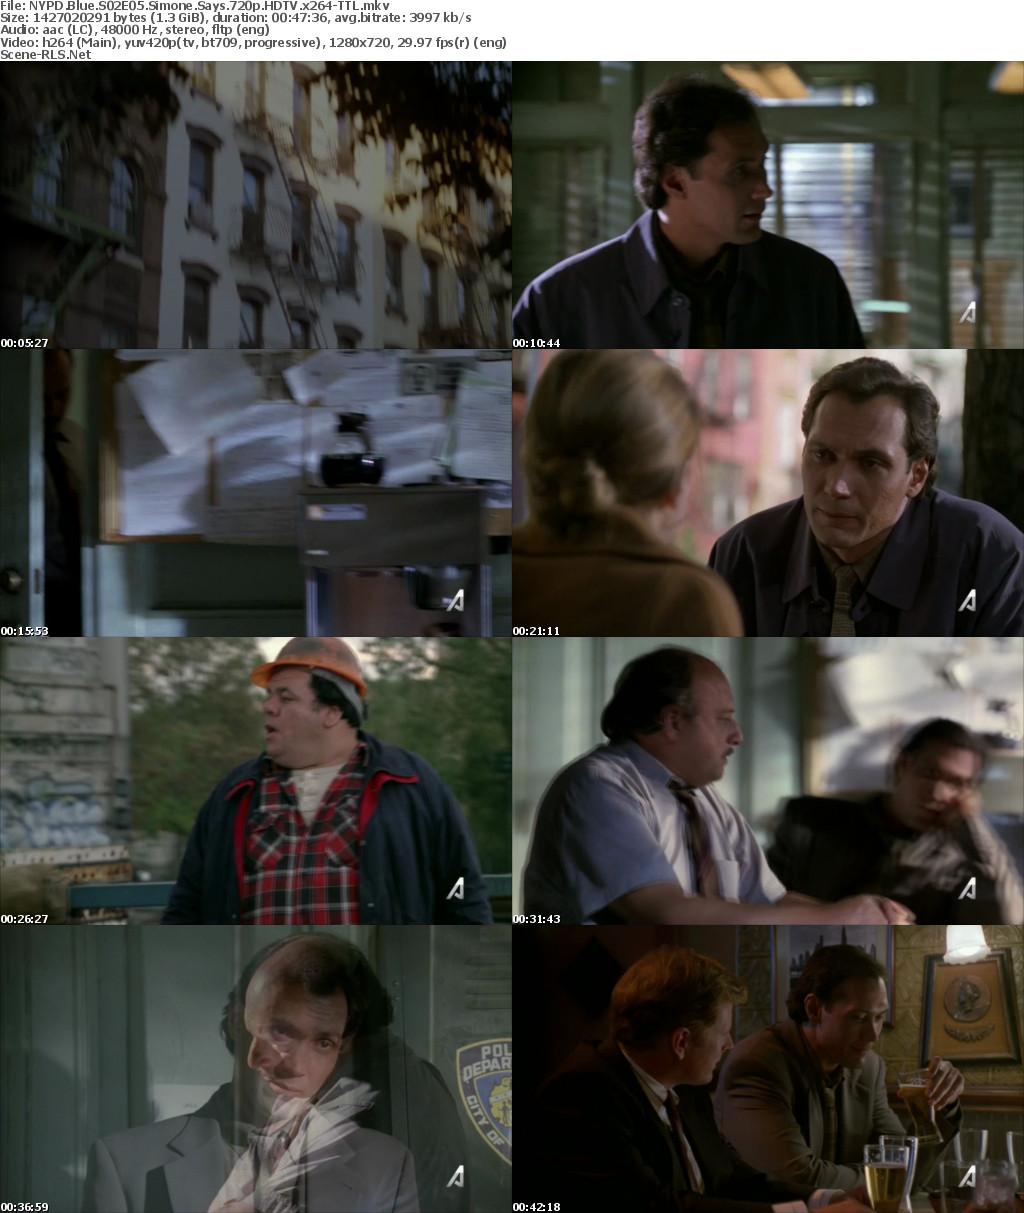 NYPD Blue S02E05 Simone Says 720p HDTV x264-TTL - Scene Release